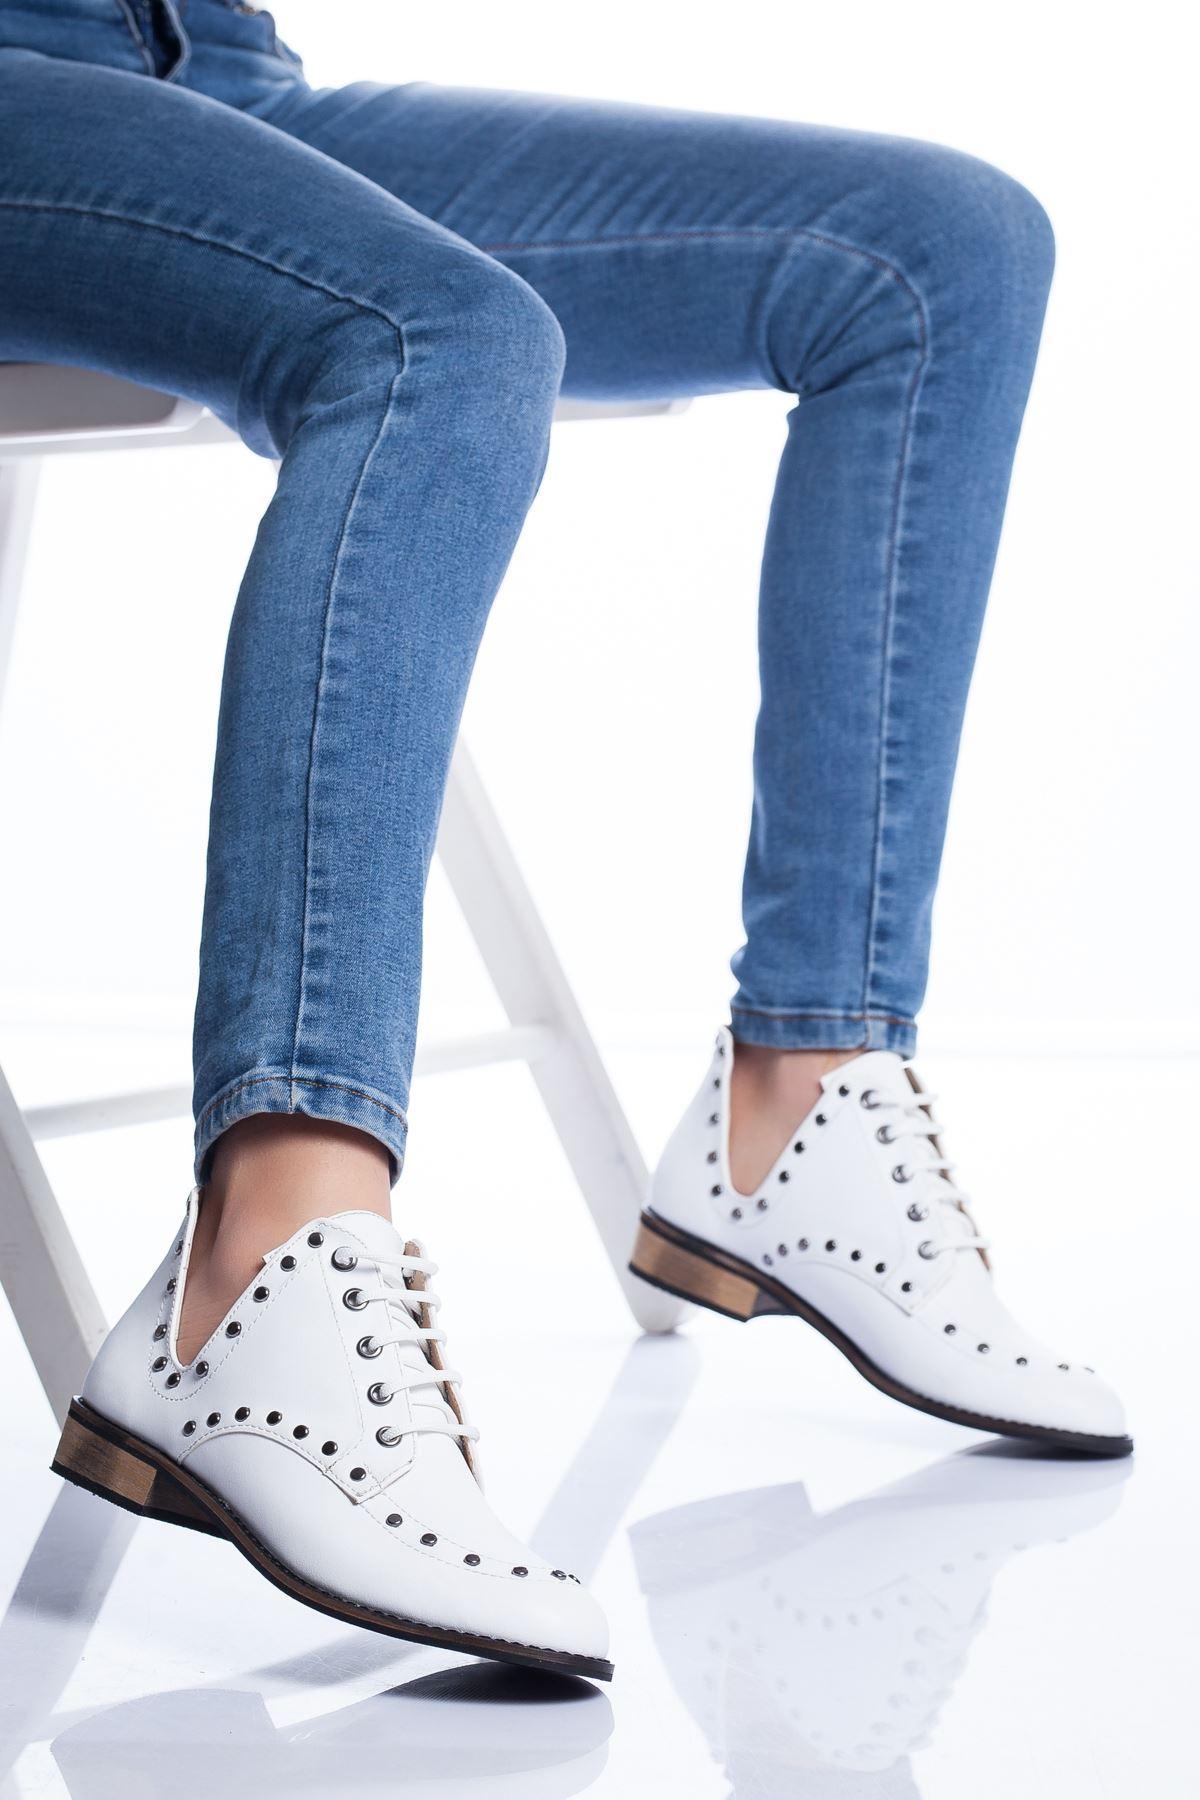 Rantor Ayakkabı BEYAZ CİLT